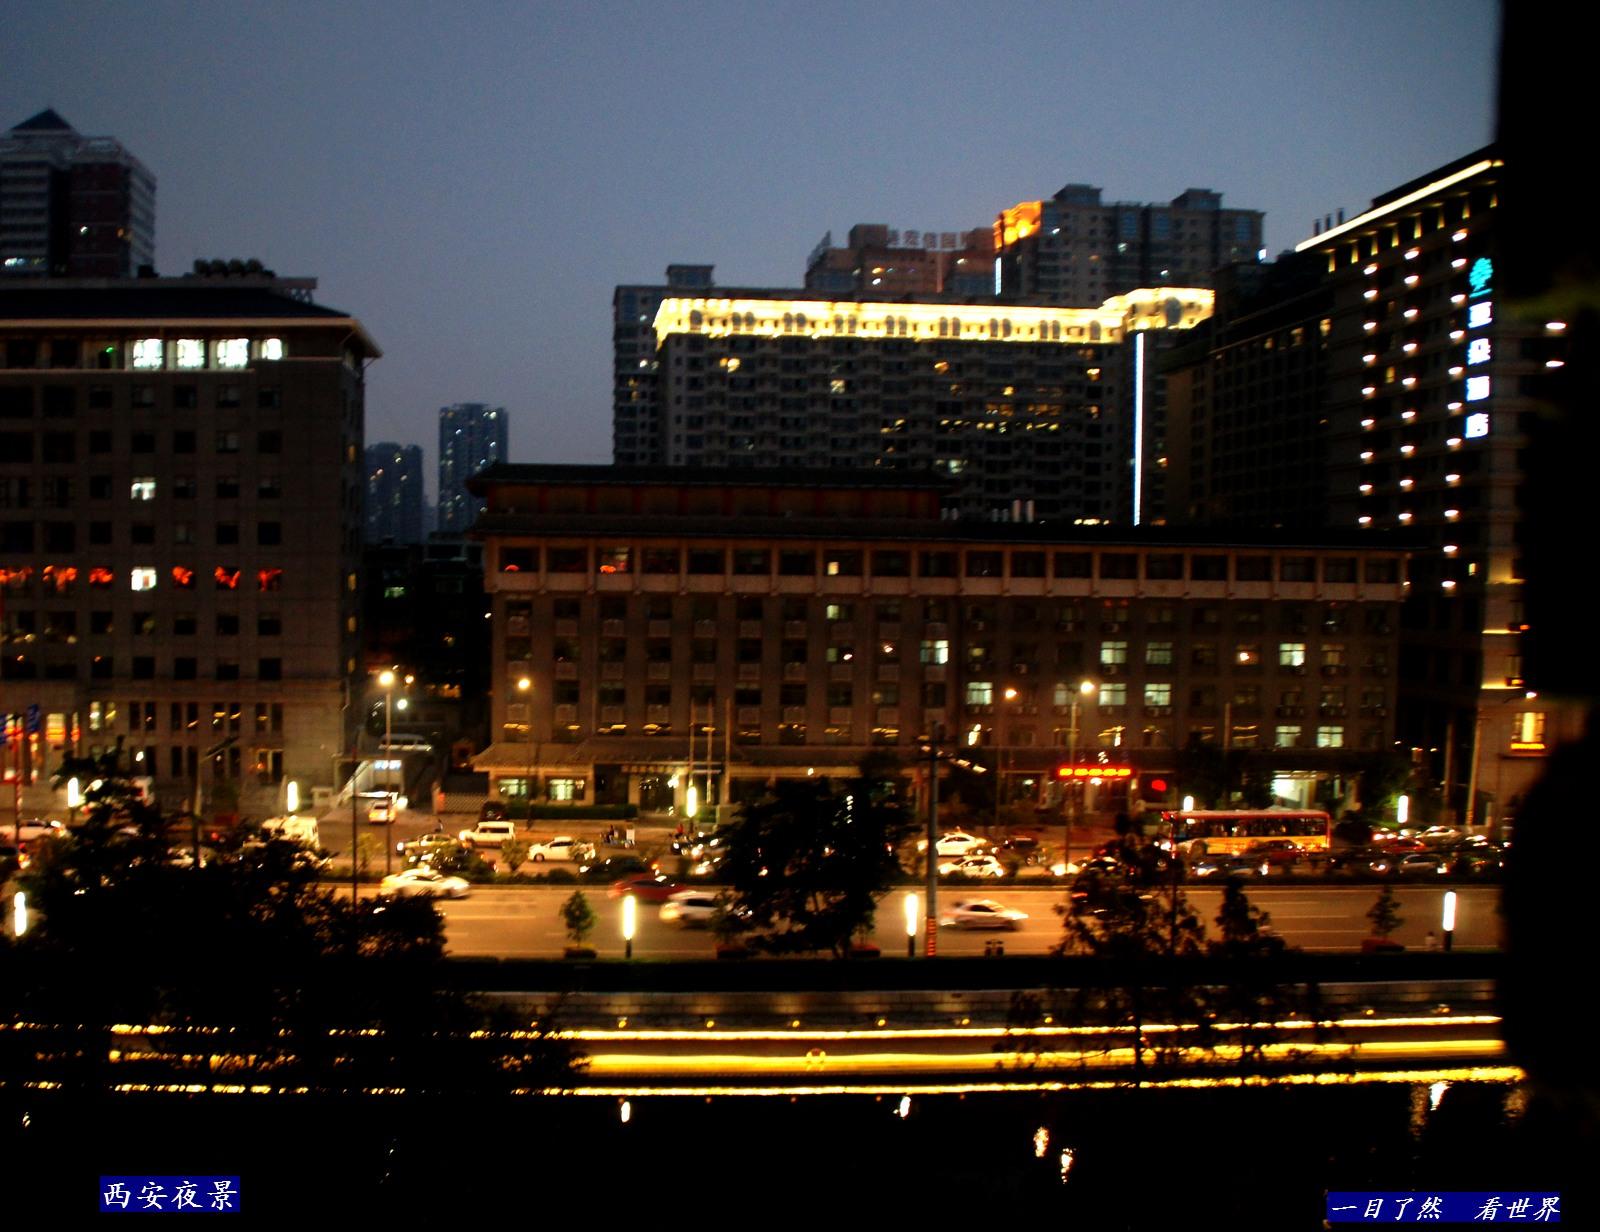 西安夜景-010-1600.jpg